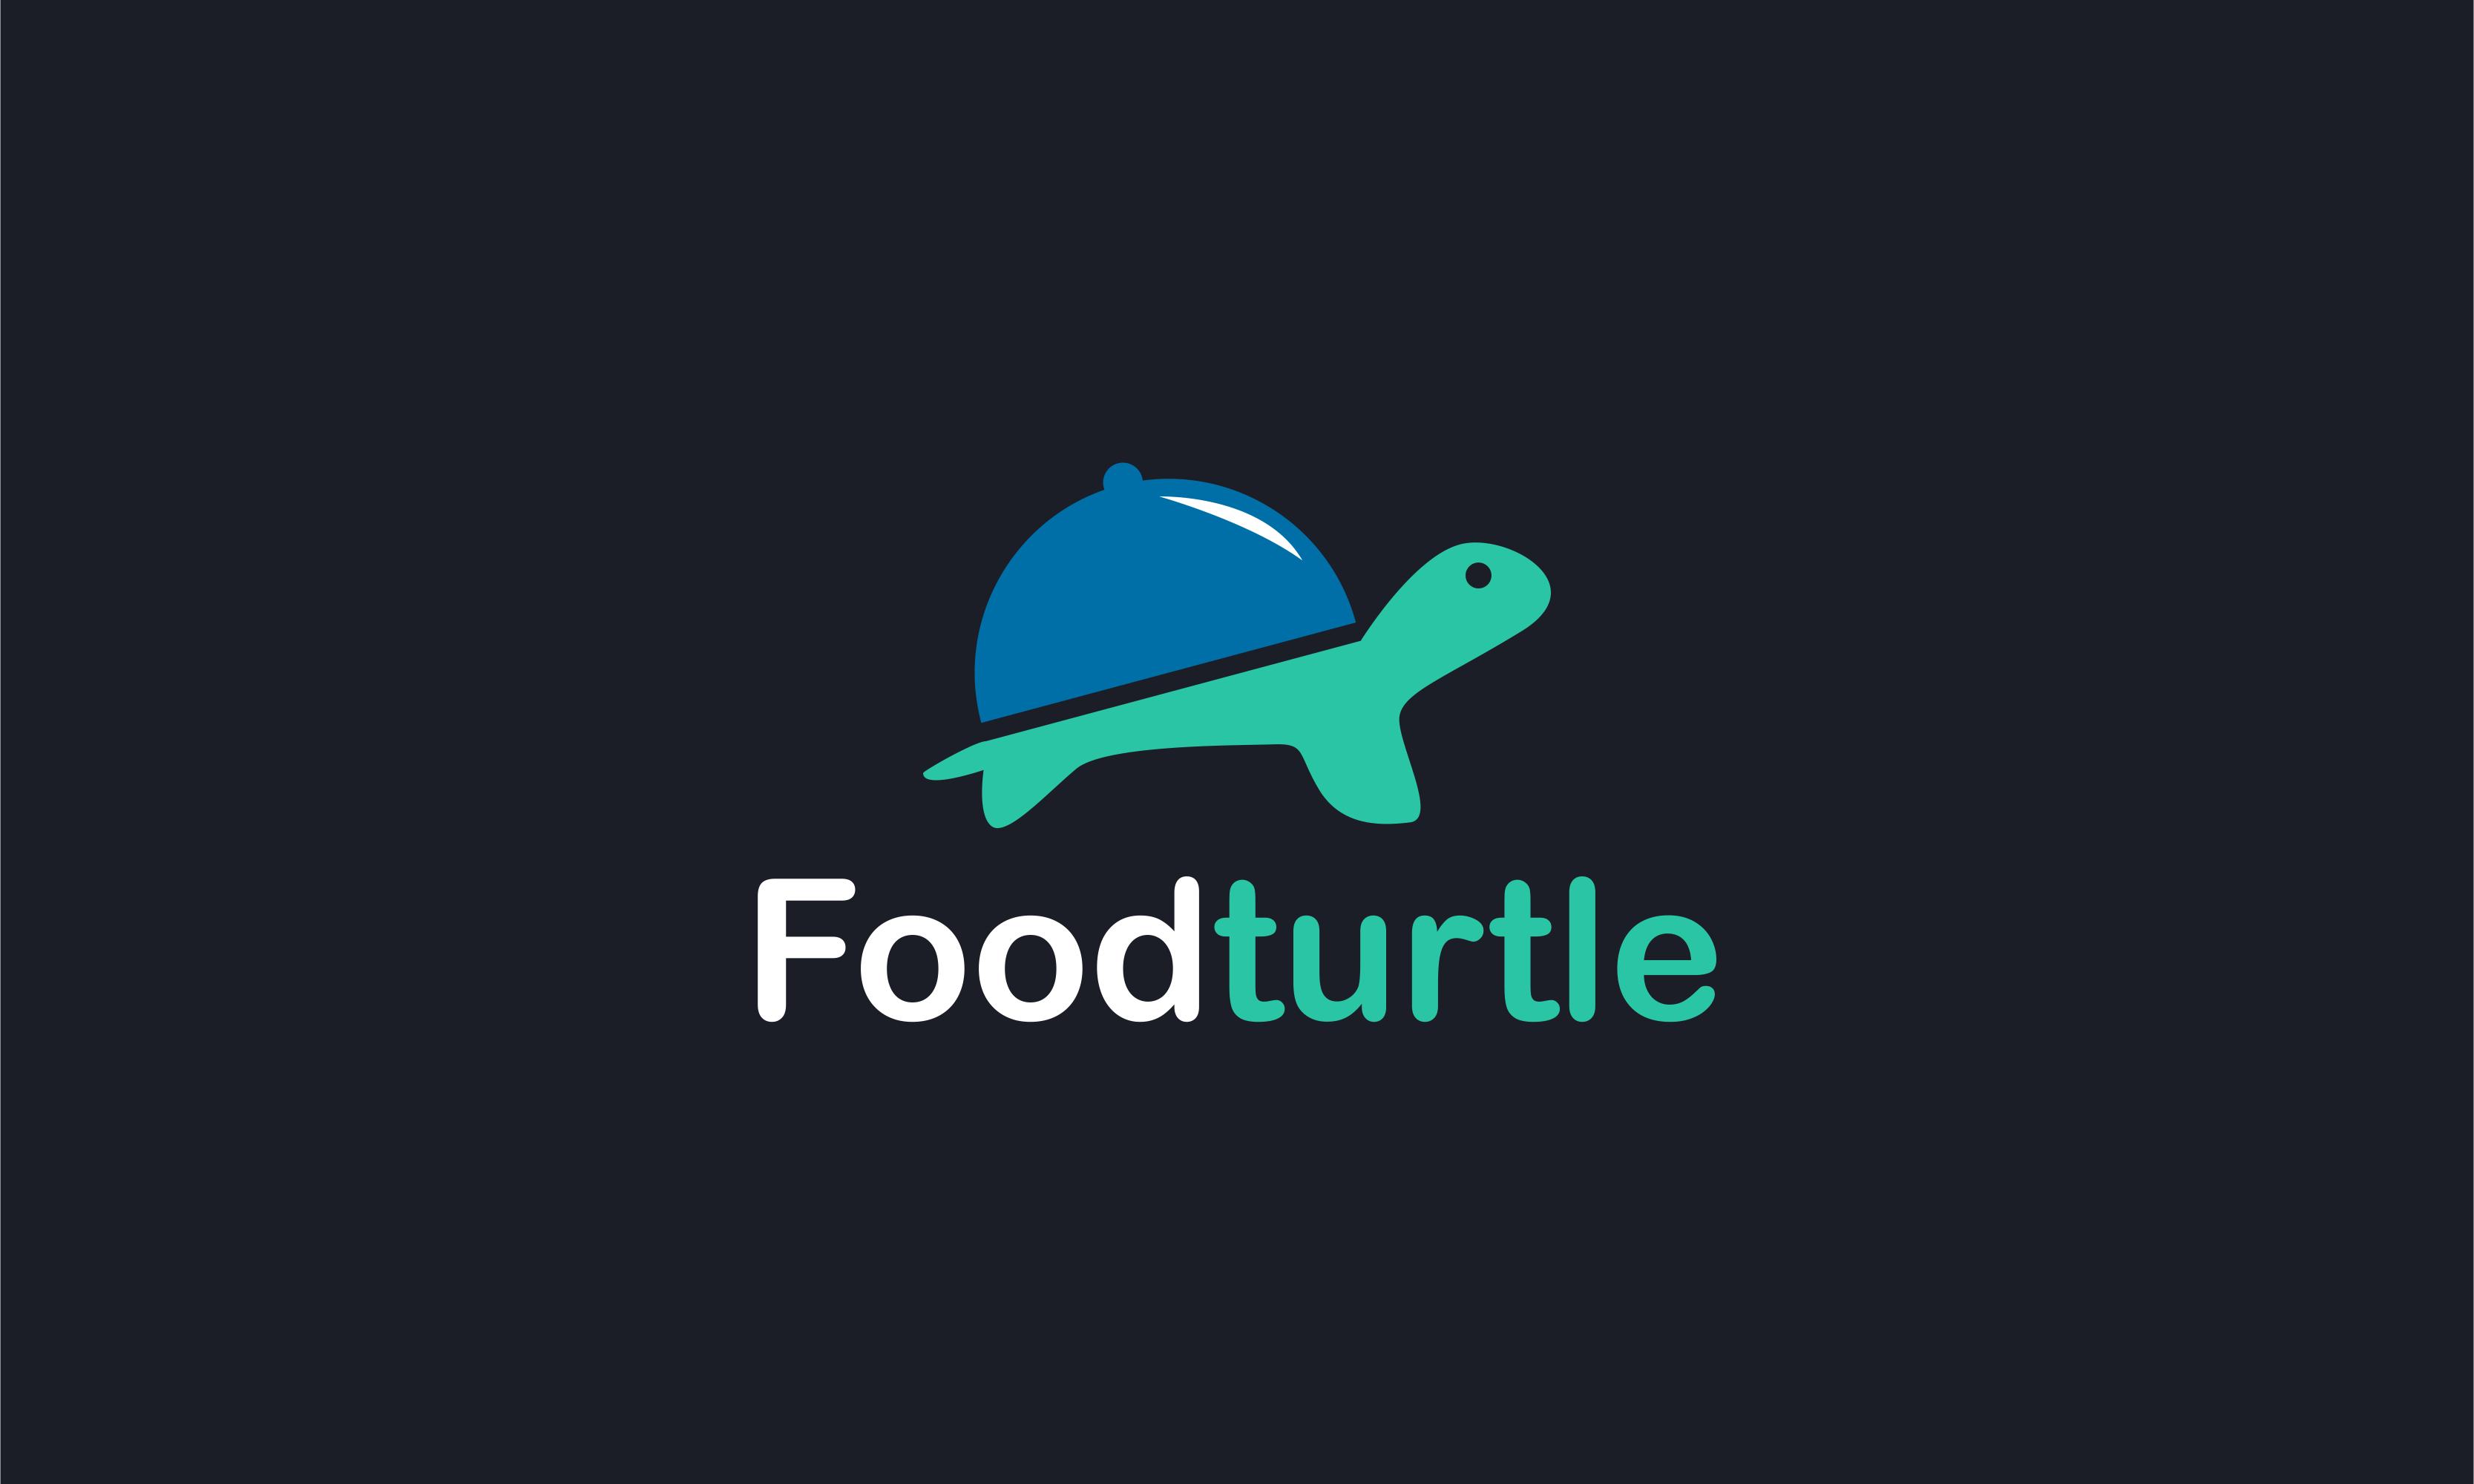 Foodturtle